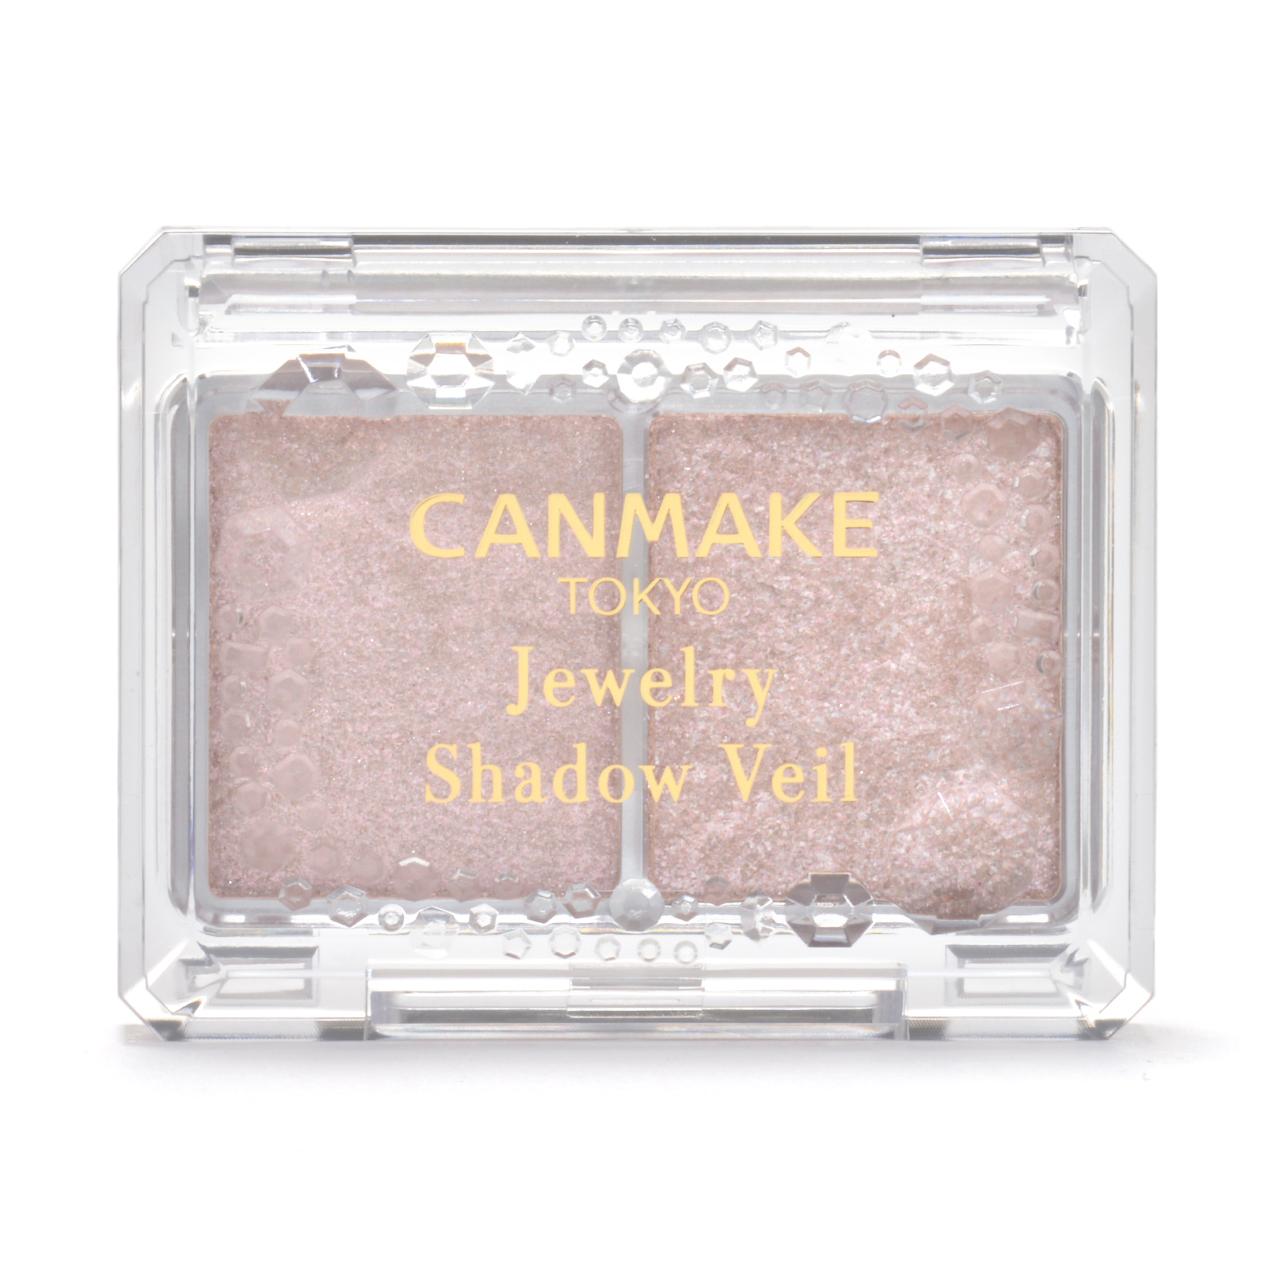 CANMAKE(キャンメイク) ジュエリーシャドウベール 03